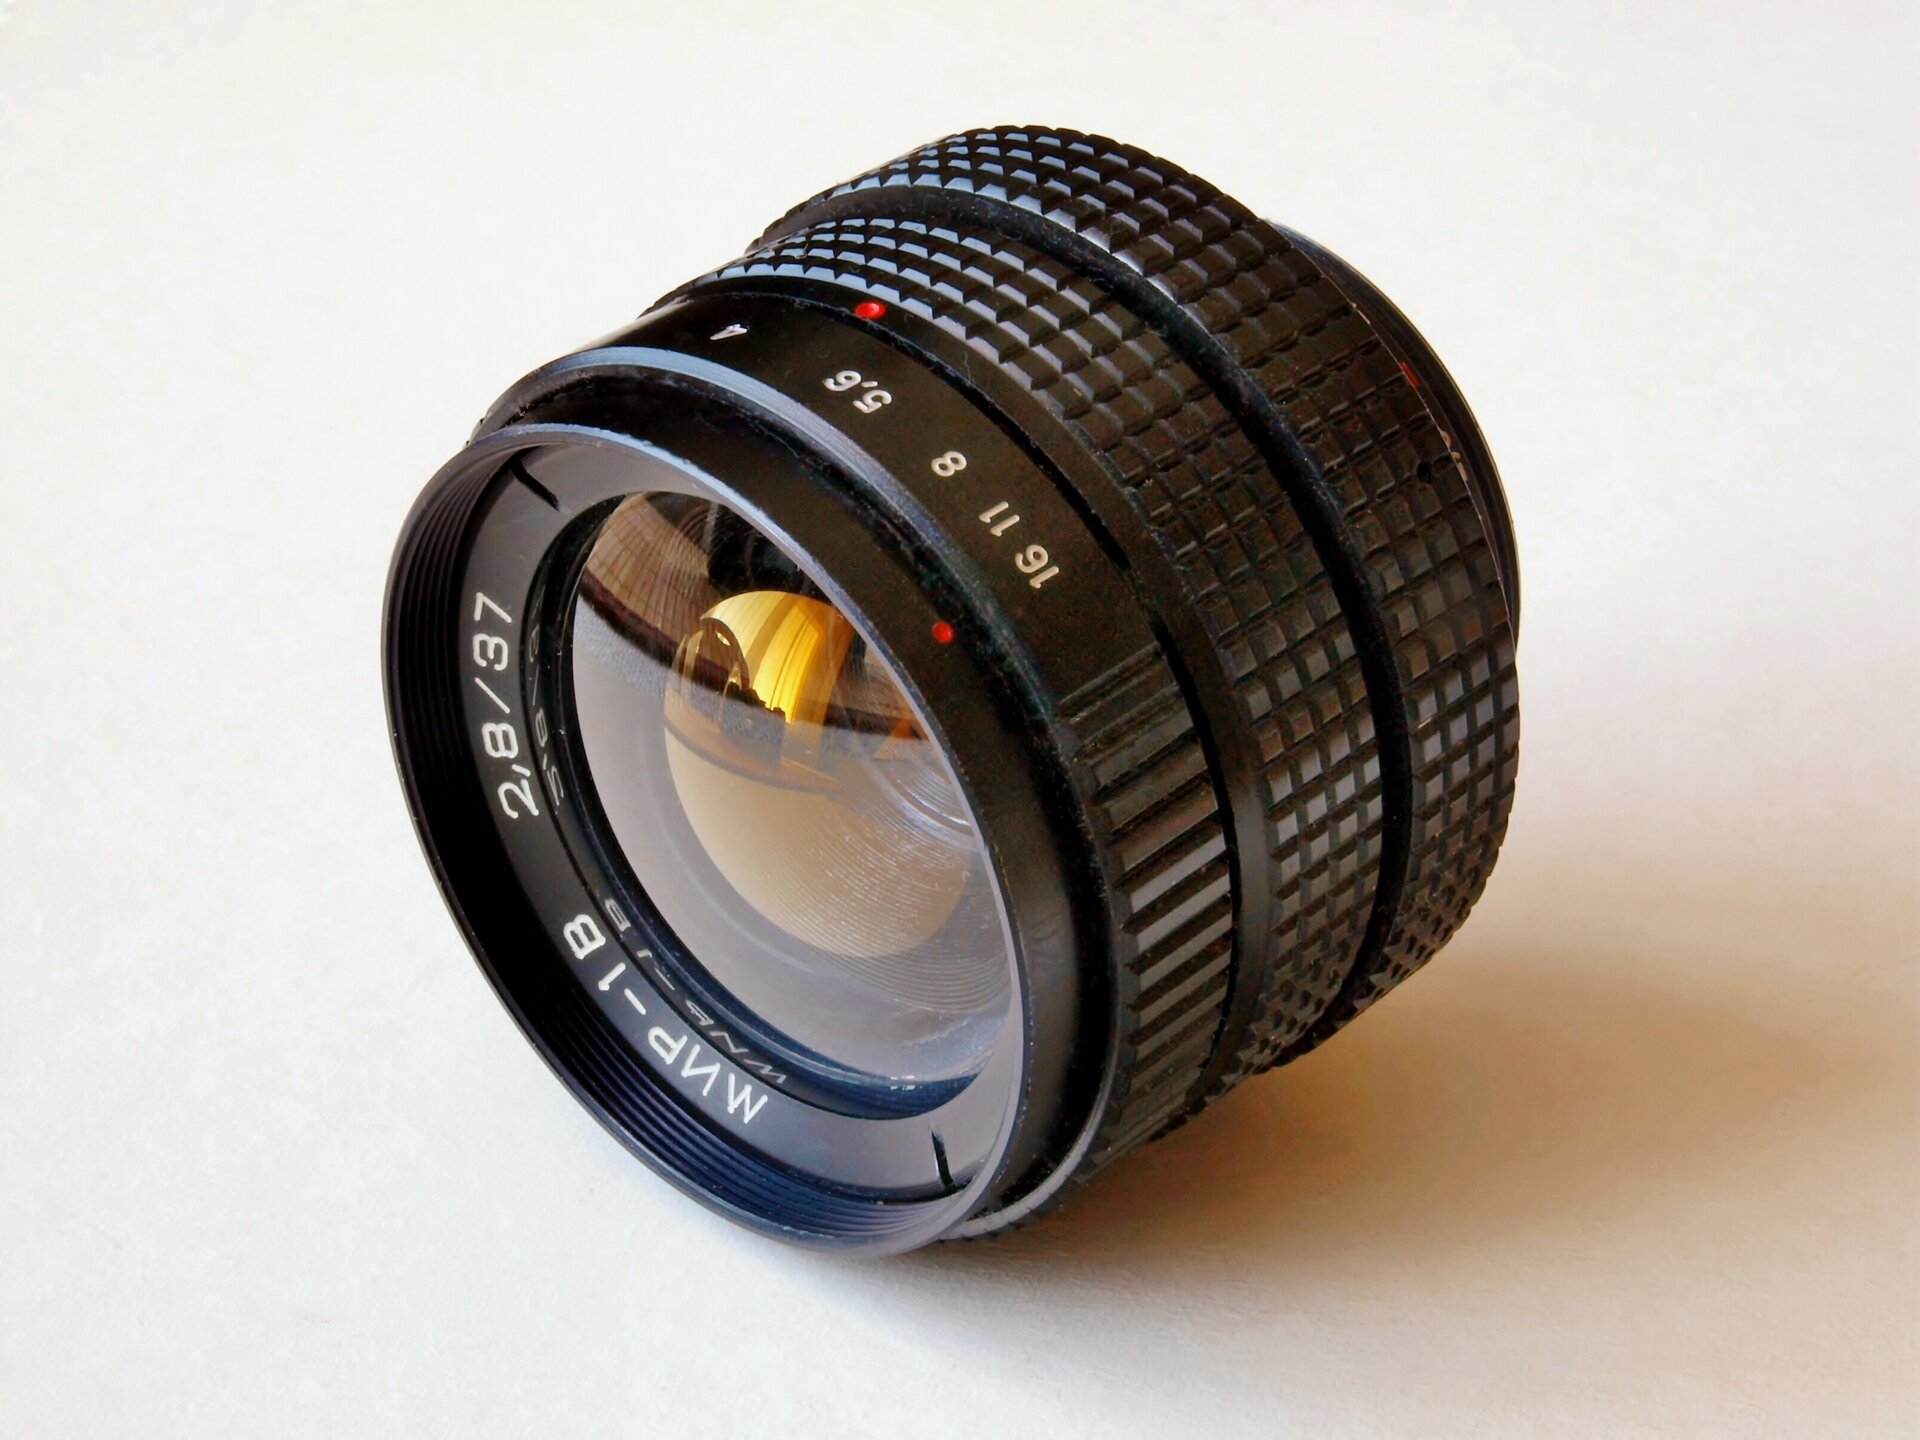 Zdjęcie przedstawia fotograficzny obiektyw manualny stałoogniskowy rosyjskiej produkcji, na co wskazują oznaczenia modelu MIR-1B, napisane cyrylicą. Widoczna przednia soczewka, wktórej odbija się zawartość pokoju, m.in. okno zzasłonami ikrzesło, oznaczenia parametrów jasność dwa przecinek osiem, długość ogniskowej trzydzieści siedem milimetrów. Widoczne są też dwa metalowe karbowane pierścienie kontrolne: ogniskowej iwartości przysłony.